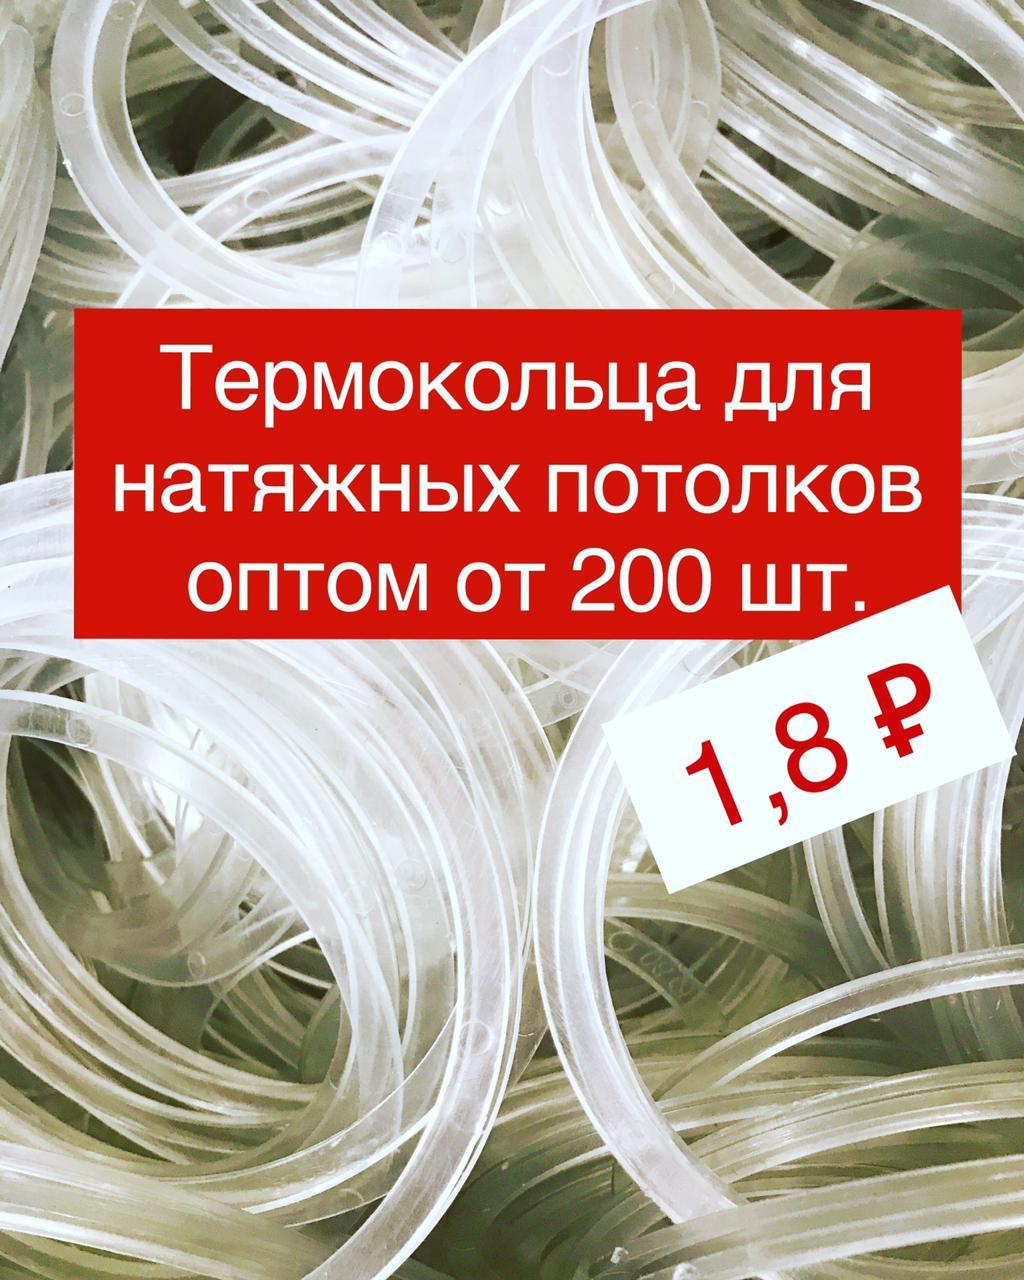 Термокольца ОПТОМ по 1,8 руб.!!!